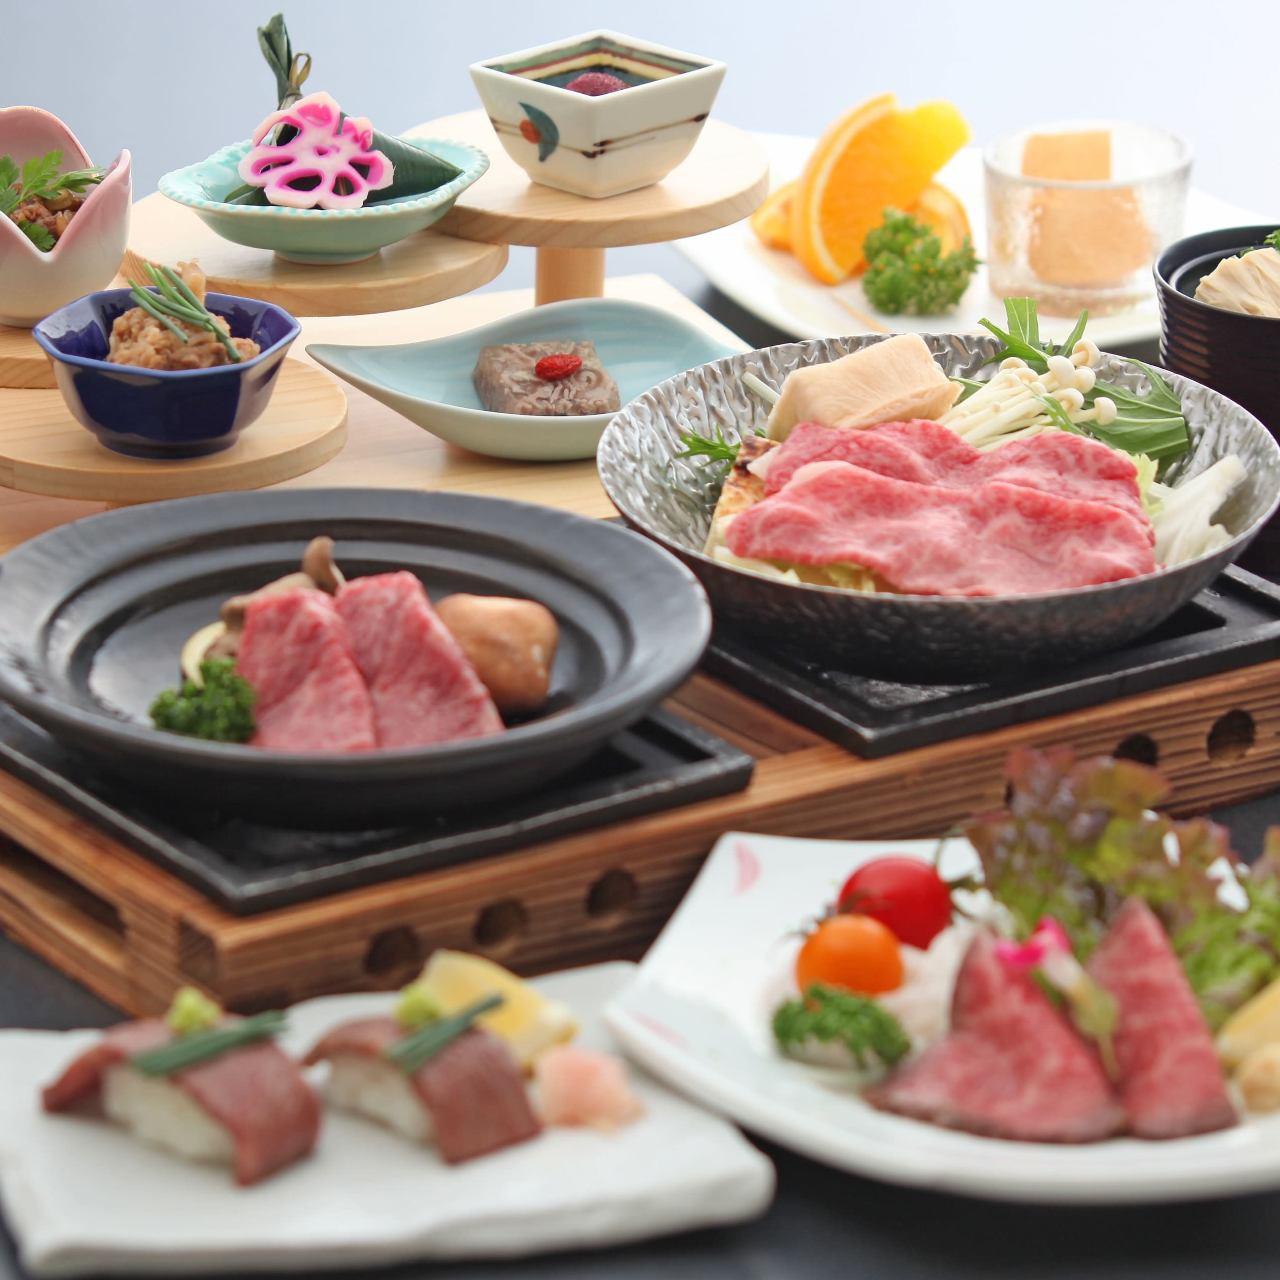 【昼食】特選 近江牛ランチ【温泉入浴券付き】